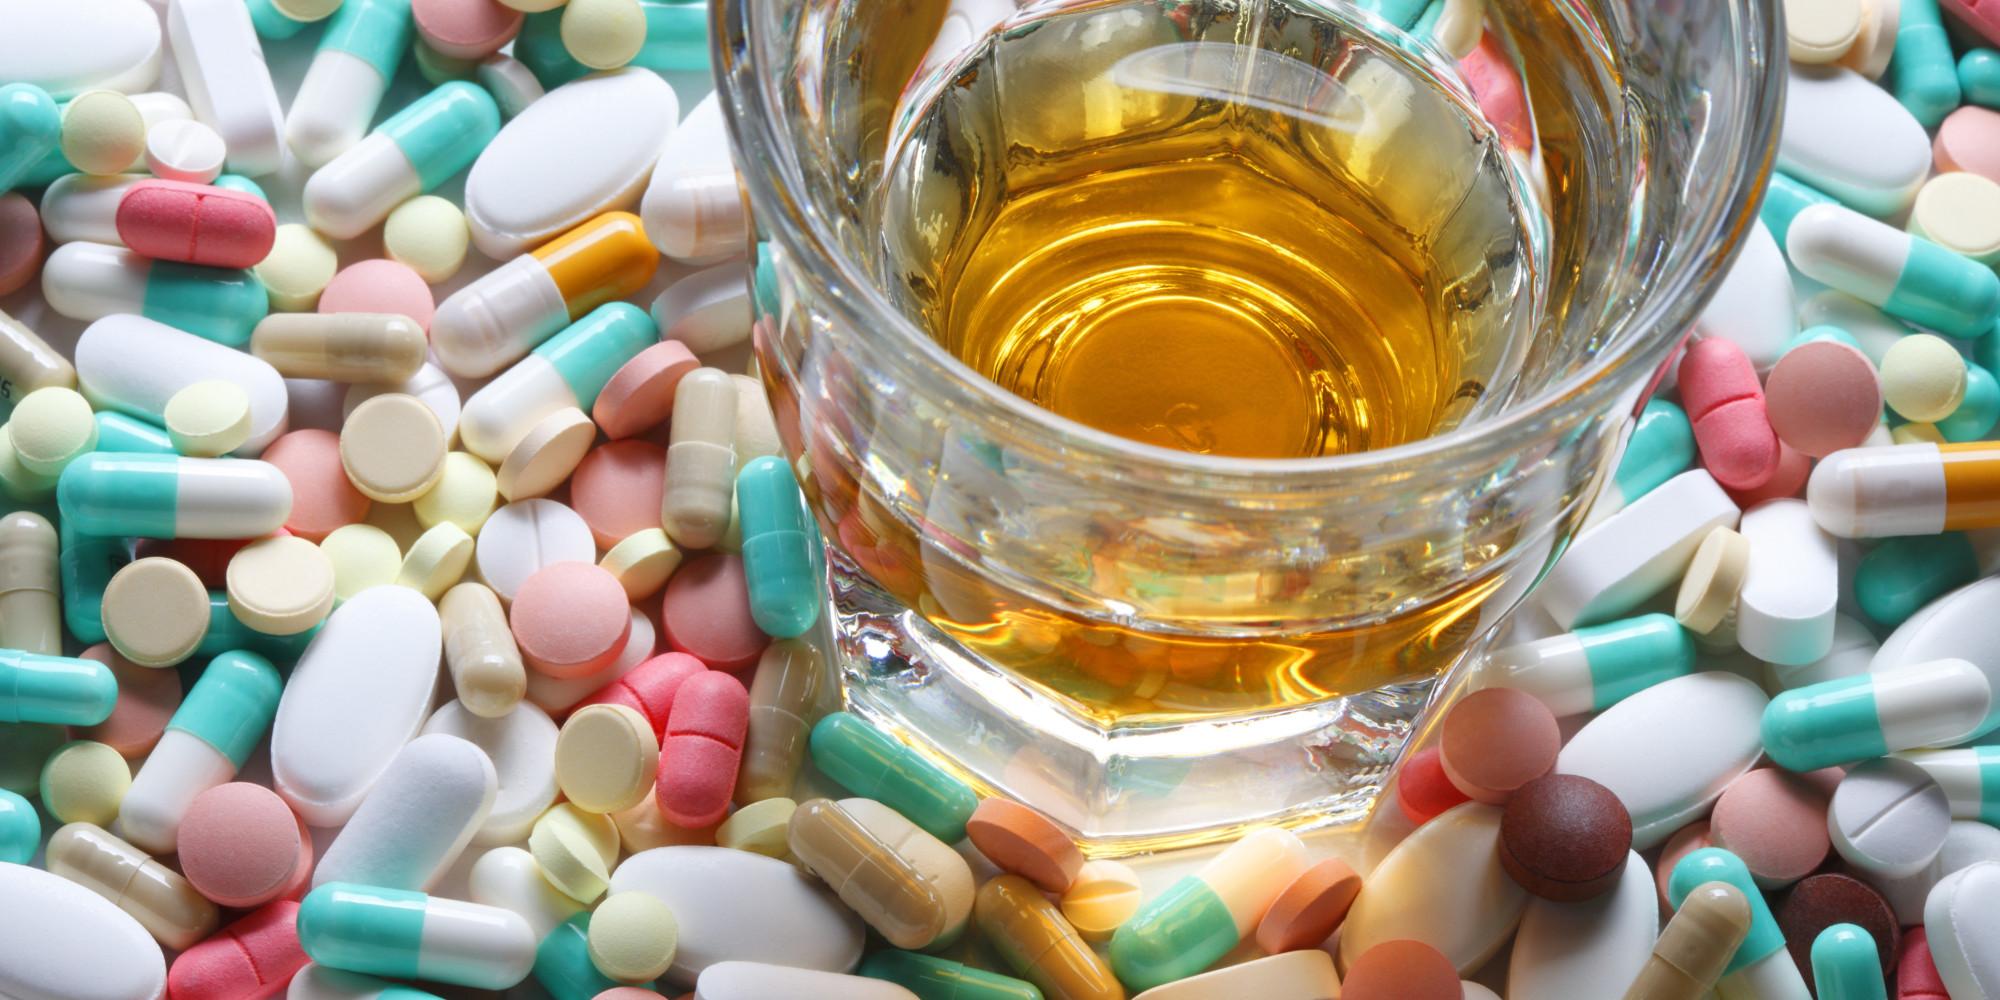 Совместимость с другими медикаментами и алкоголем